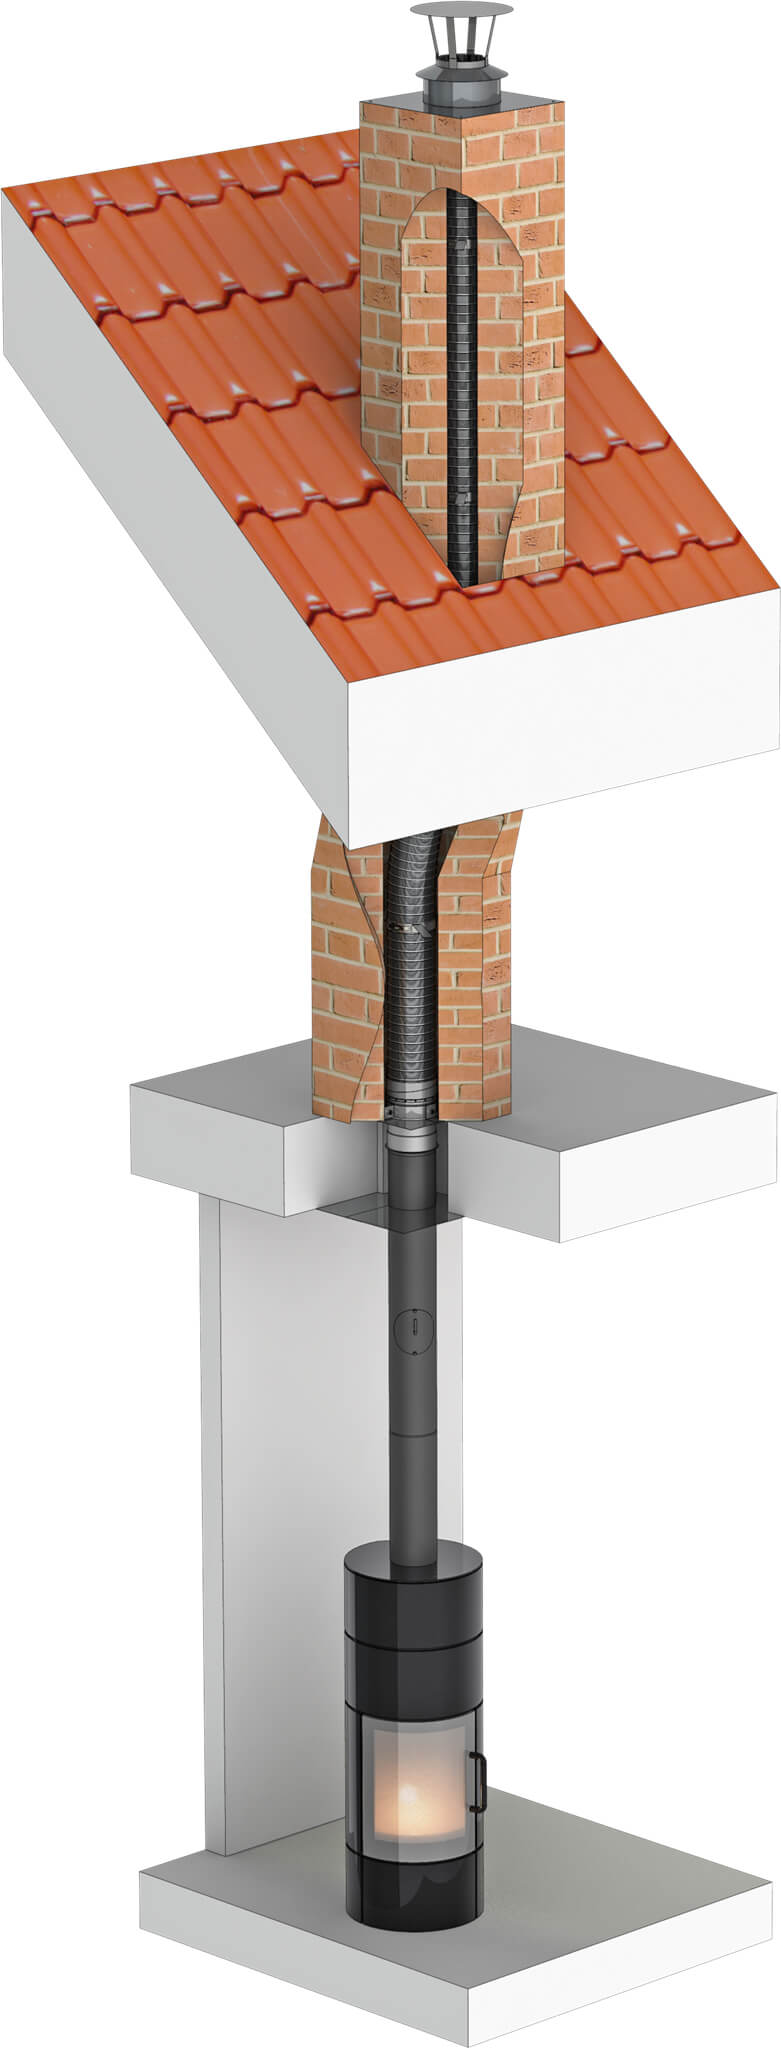 Dubbelwandige flexibele roestvrijstalen rookkanaal - renovatie van de huidige schoorsteen - Ø150 mm